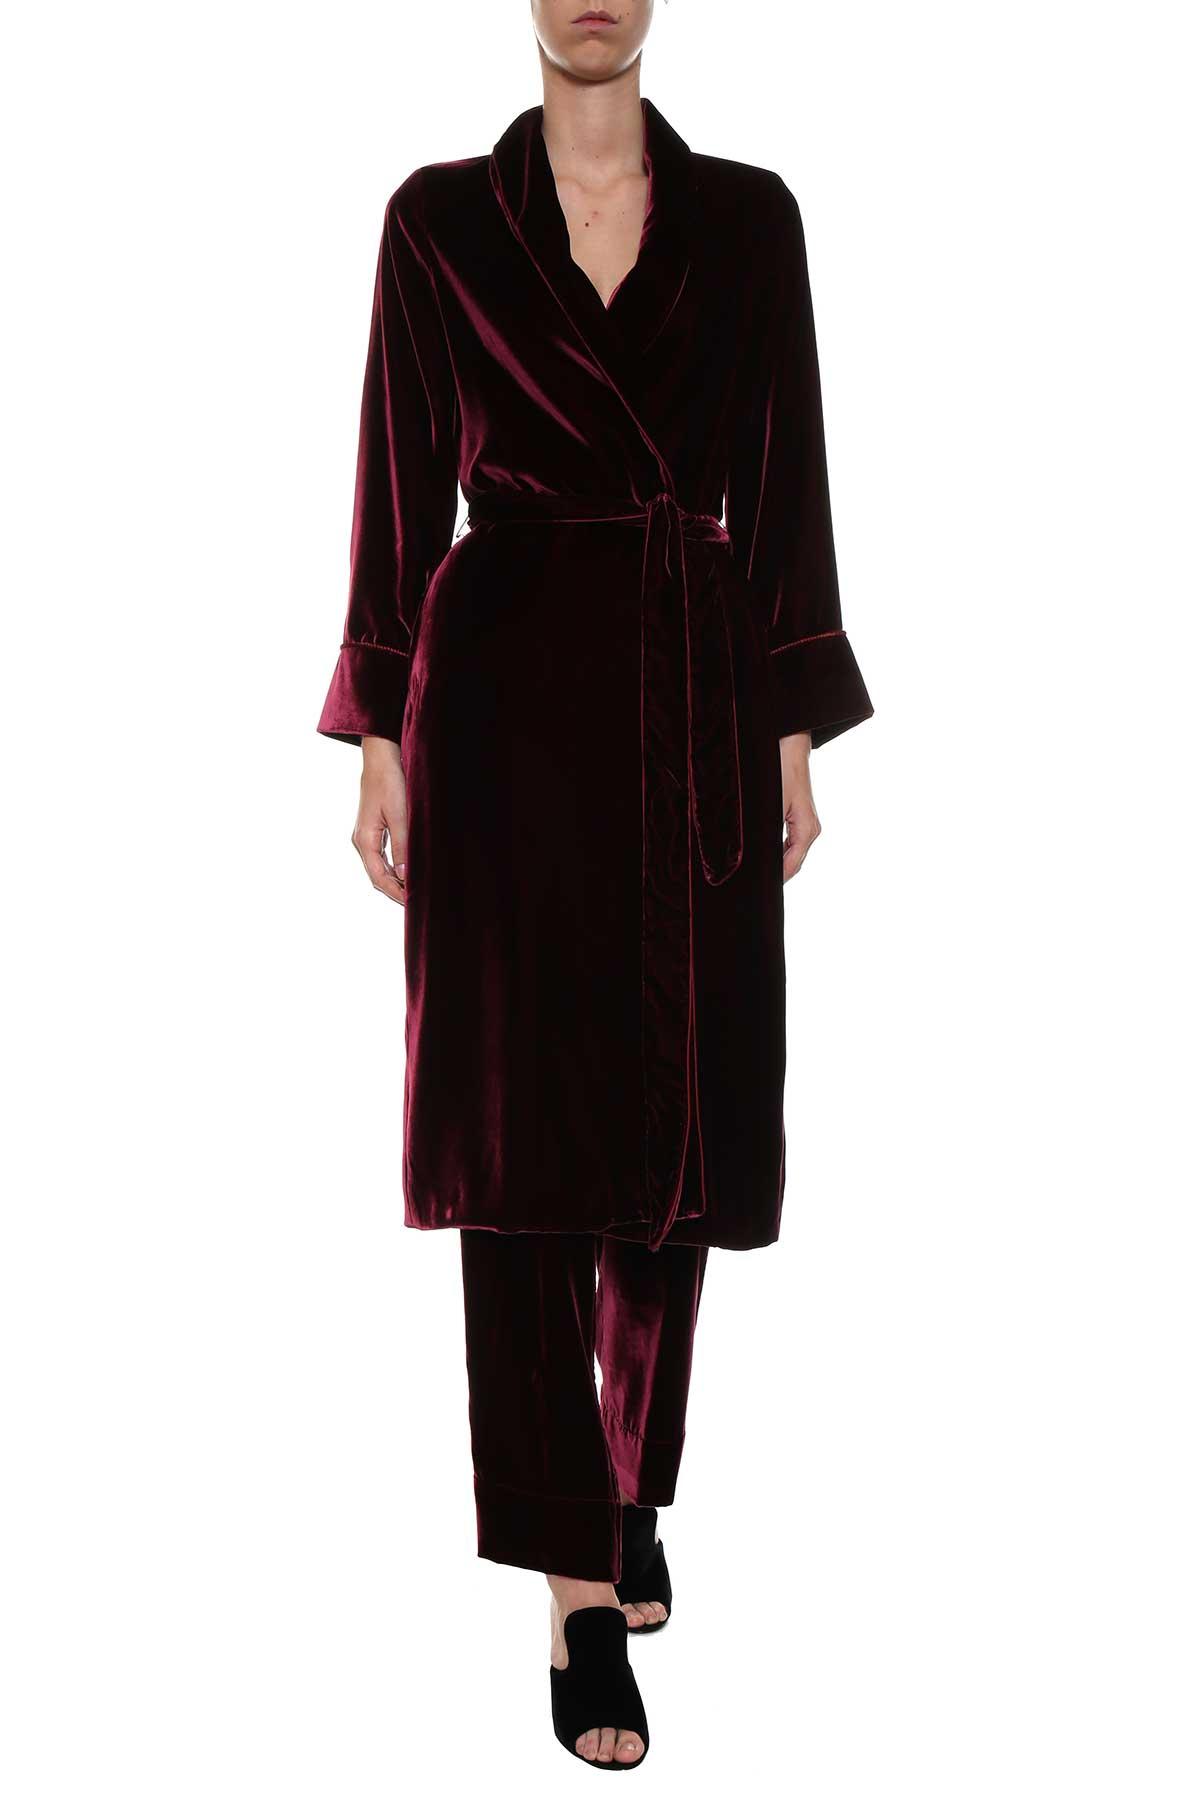 For Restless Sleepers For Restless Sleepers Velvet Robe Overcoat